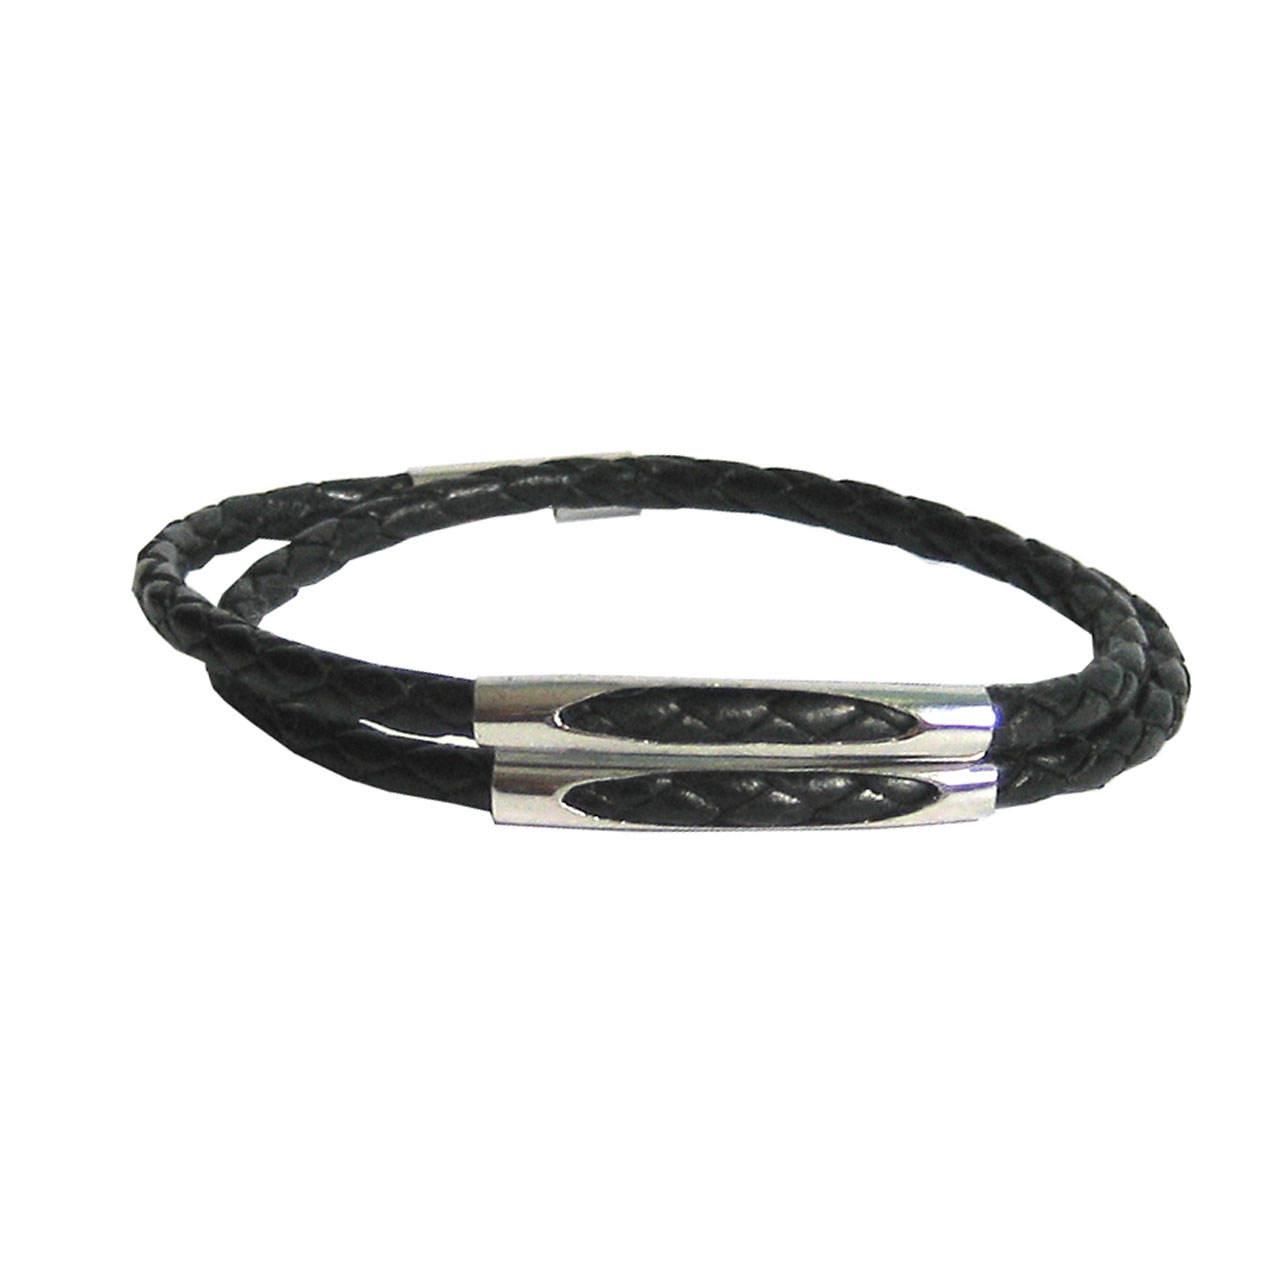 دستبند زنانه چرم دانوب مدل سهره کد 002